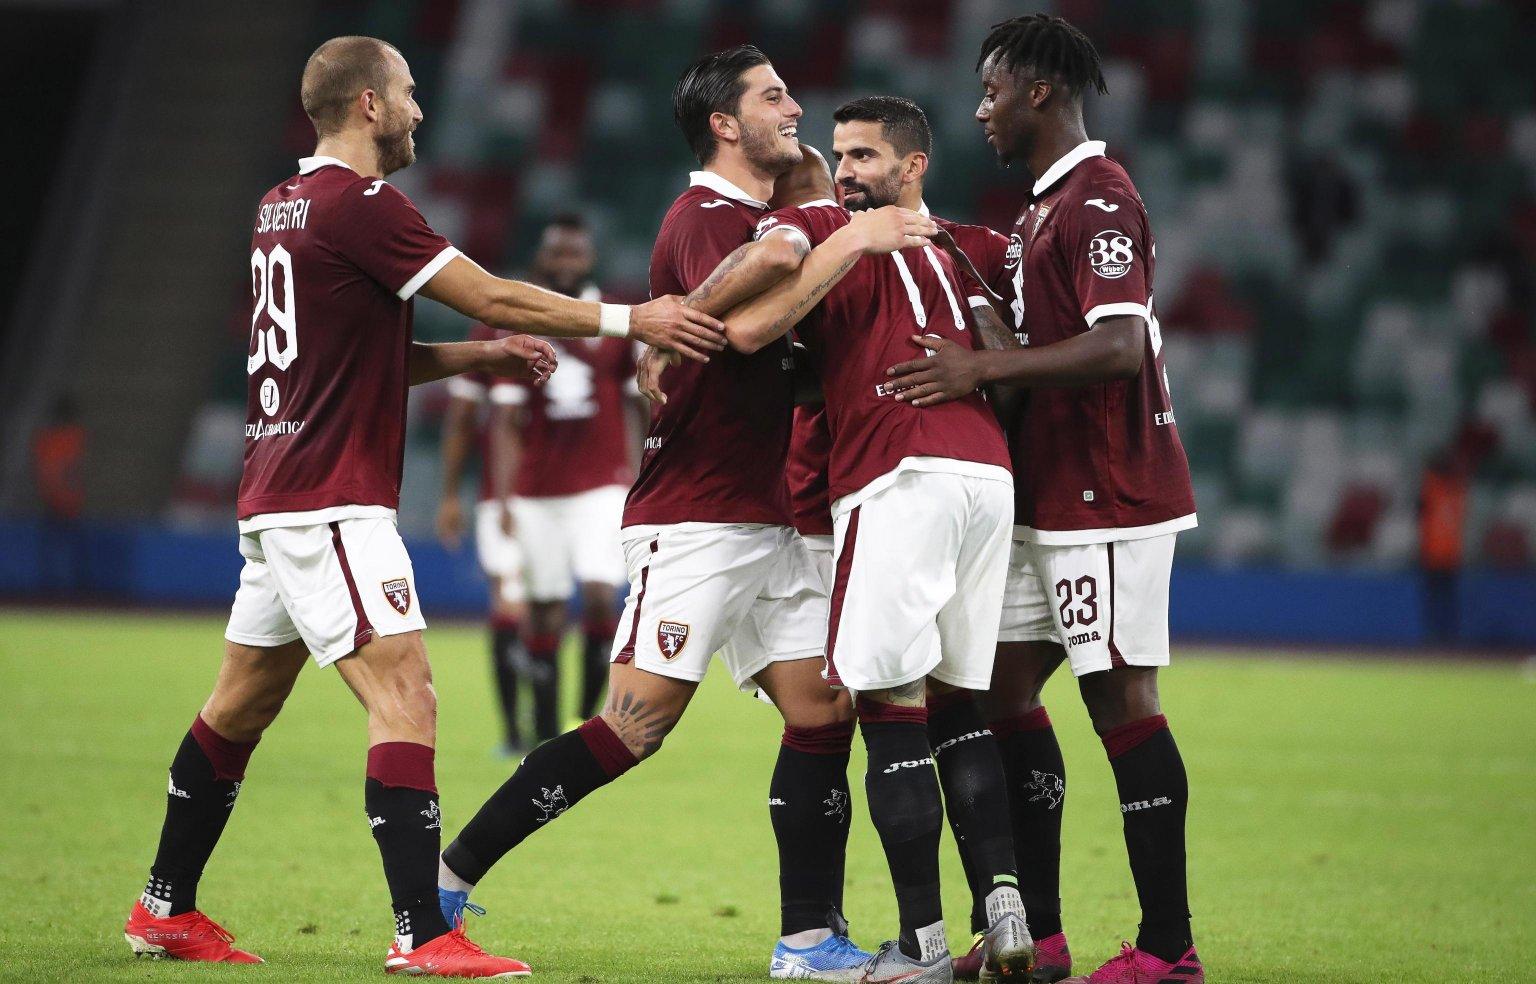 Europa League, la doppia sfida Torino - Wolverhampton in diretta su Sky Sport